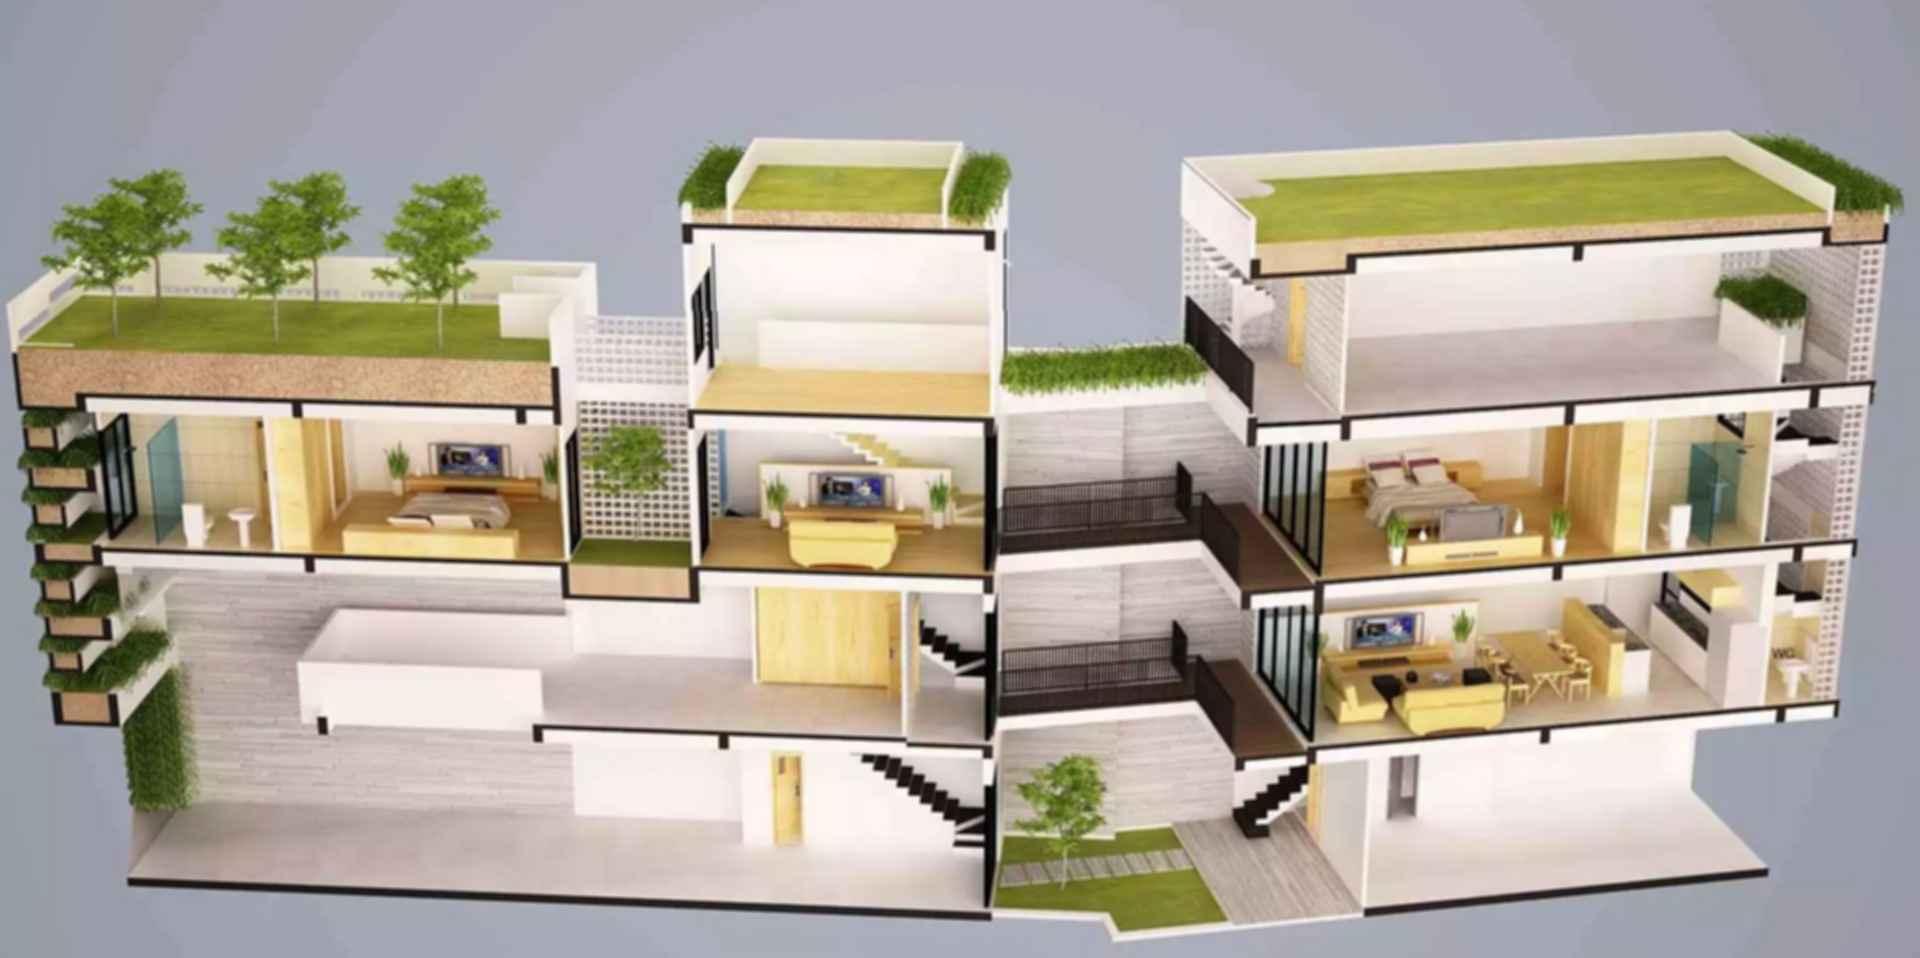 Garden House - Concept Design